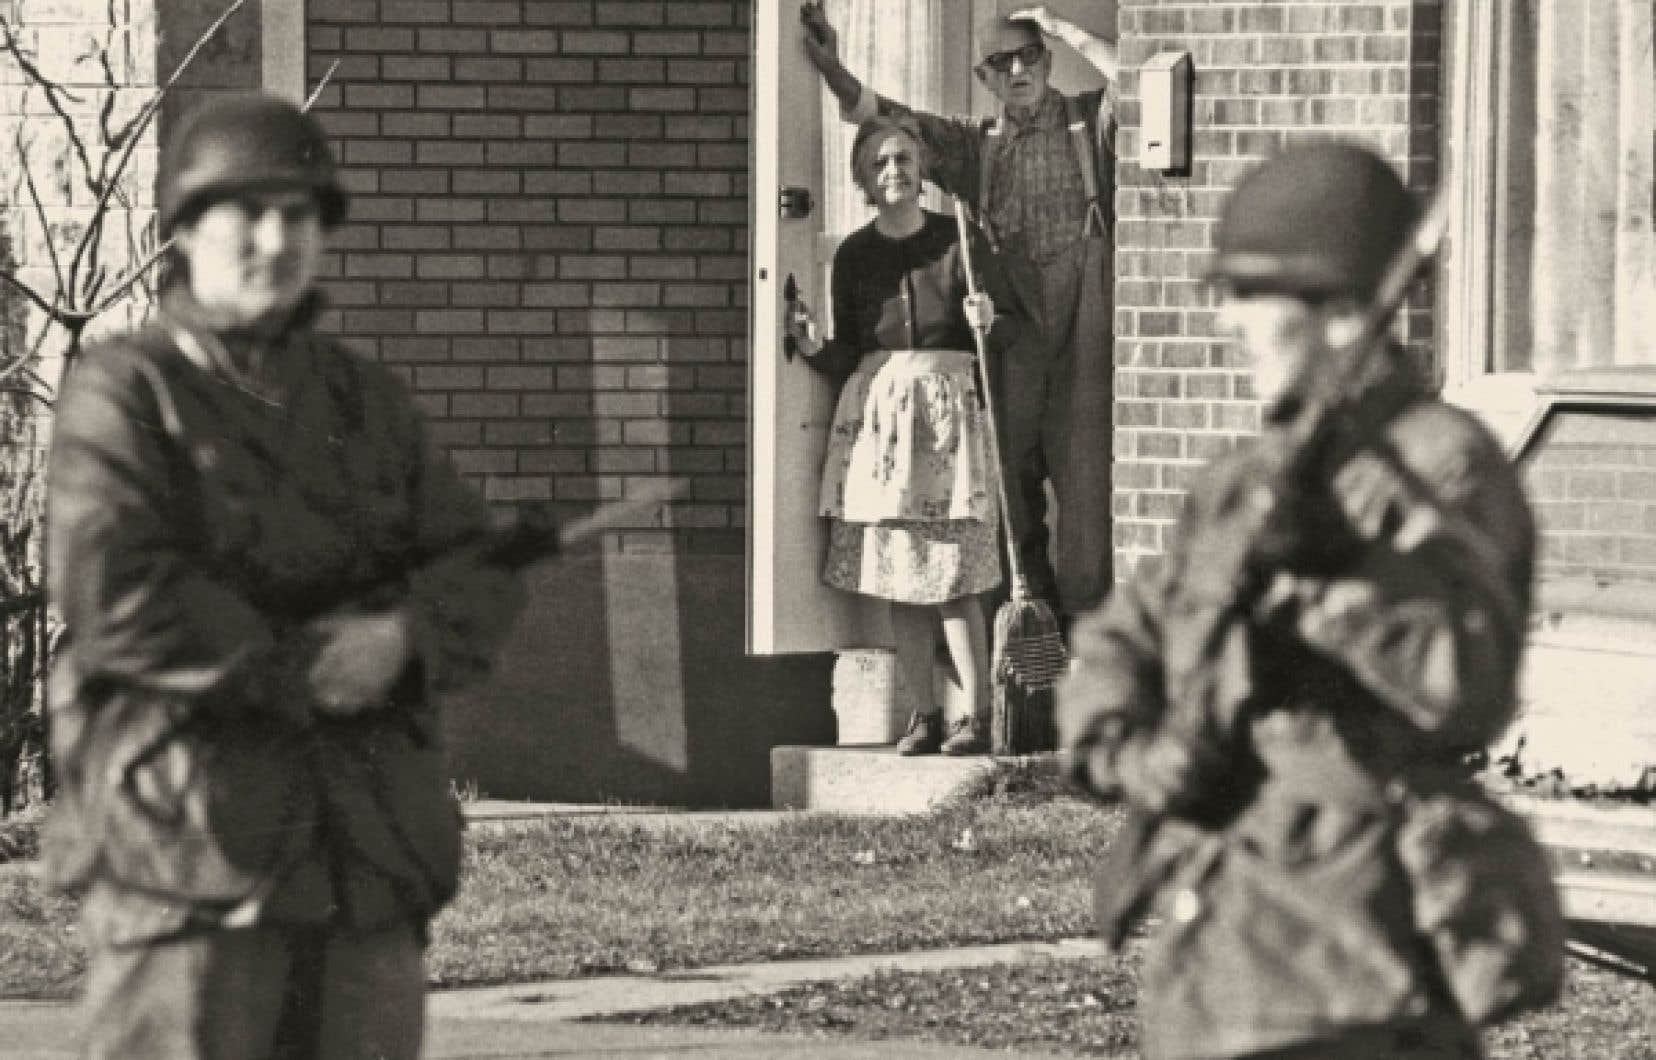 Les récits fantaisistes sur la Crise d'octobre sont légion depuis 40 ans, tellement les théories de conspiration ou les histoires de sombres complots ont du succès.<br />